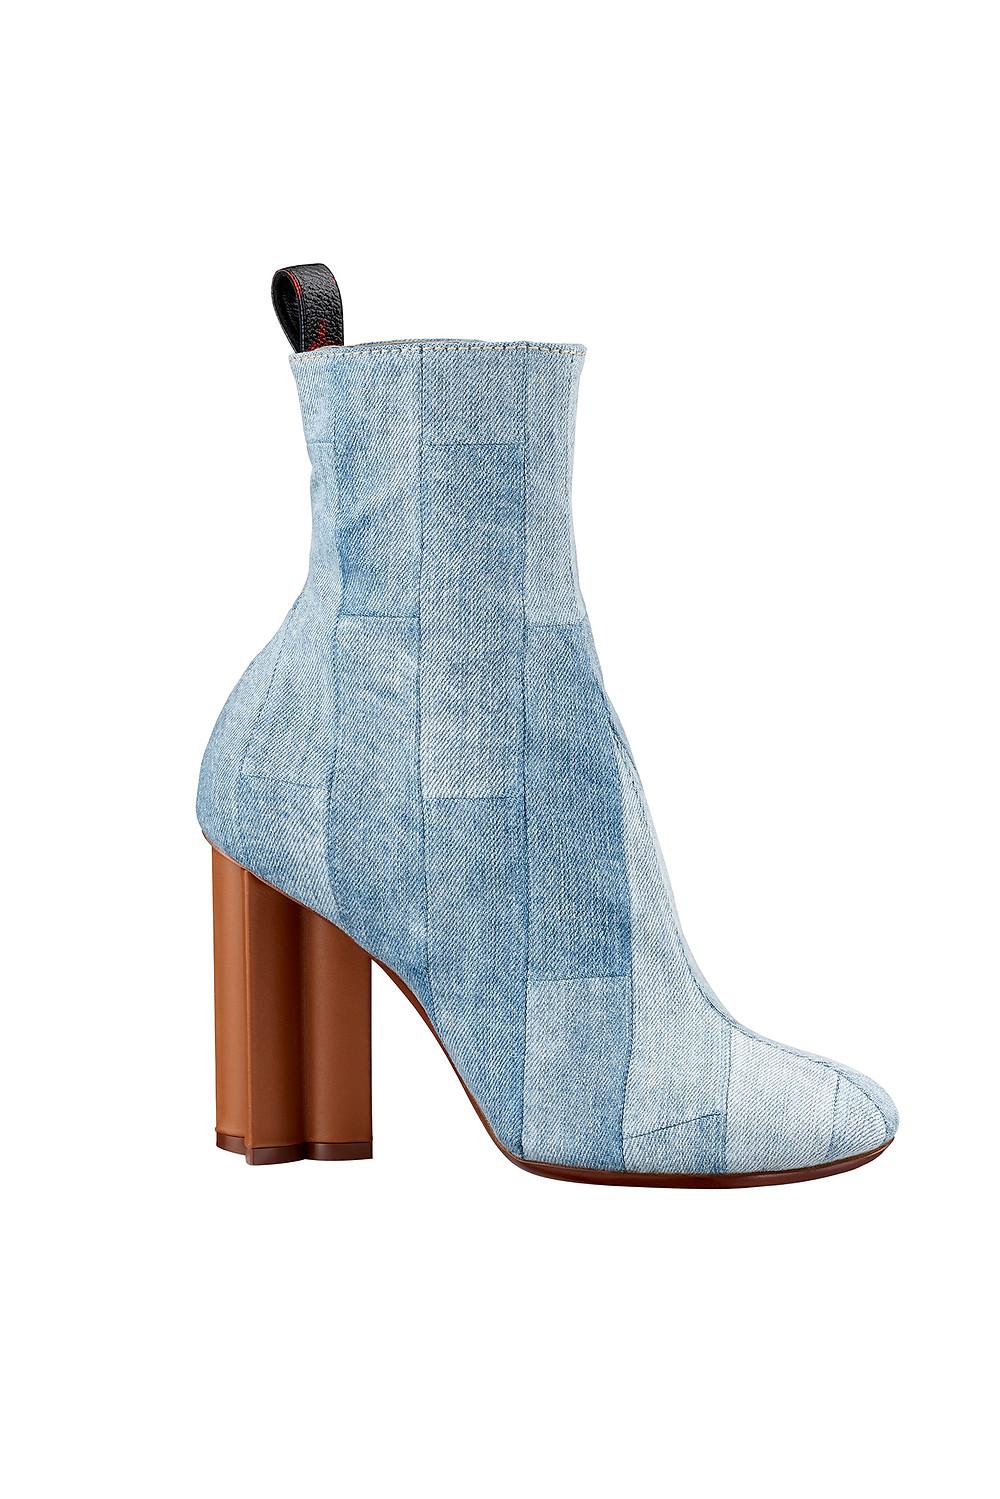 Louis Vuitton $1350.jpg